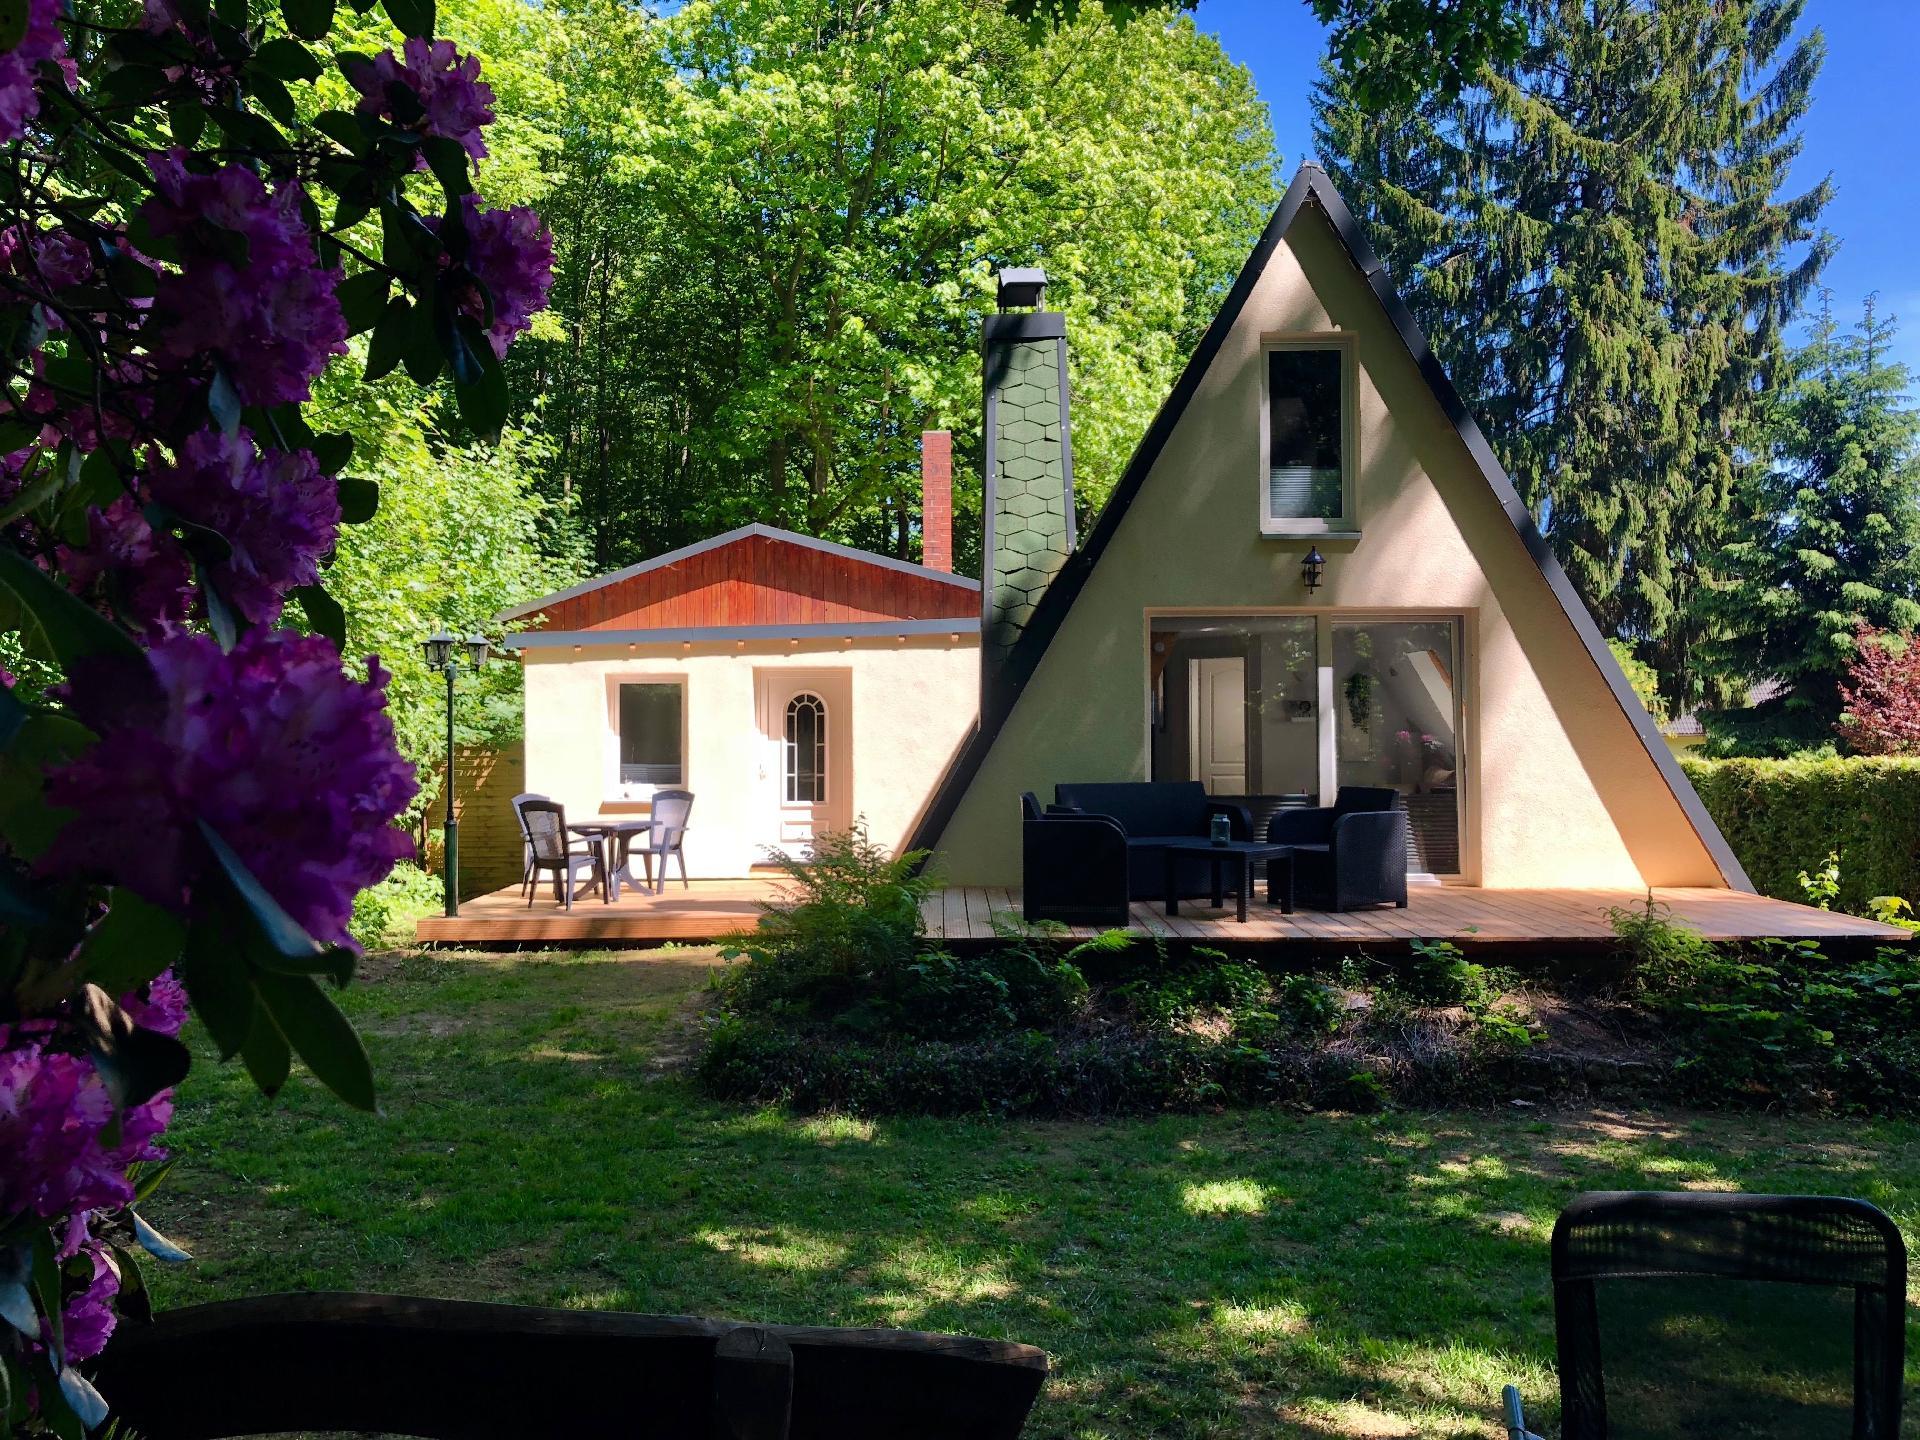 Ferienhaus für 2 Personen  + 2 Kinder ca. 65   in Sachsen